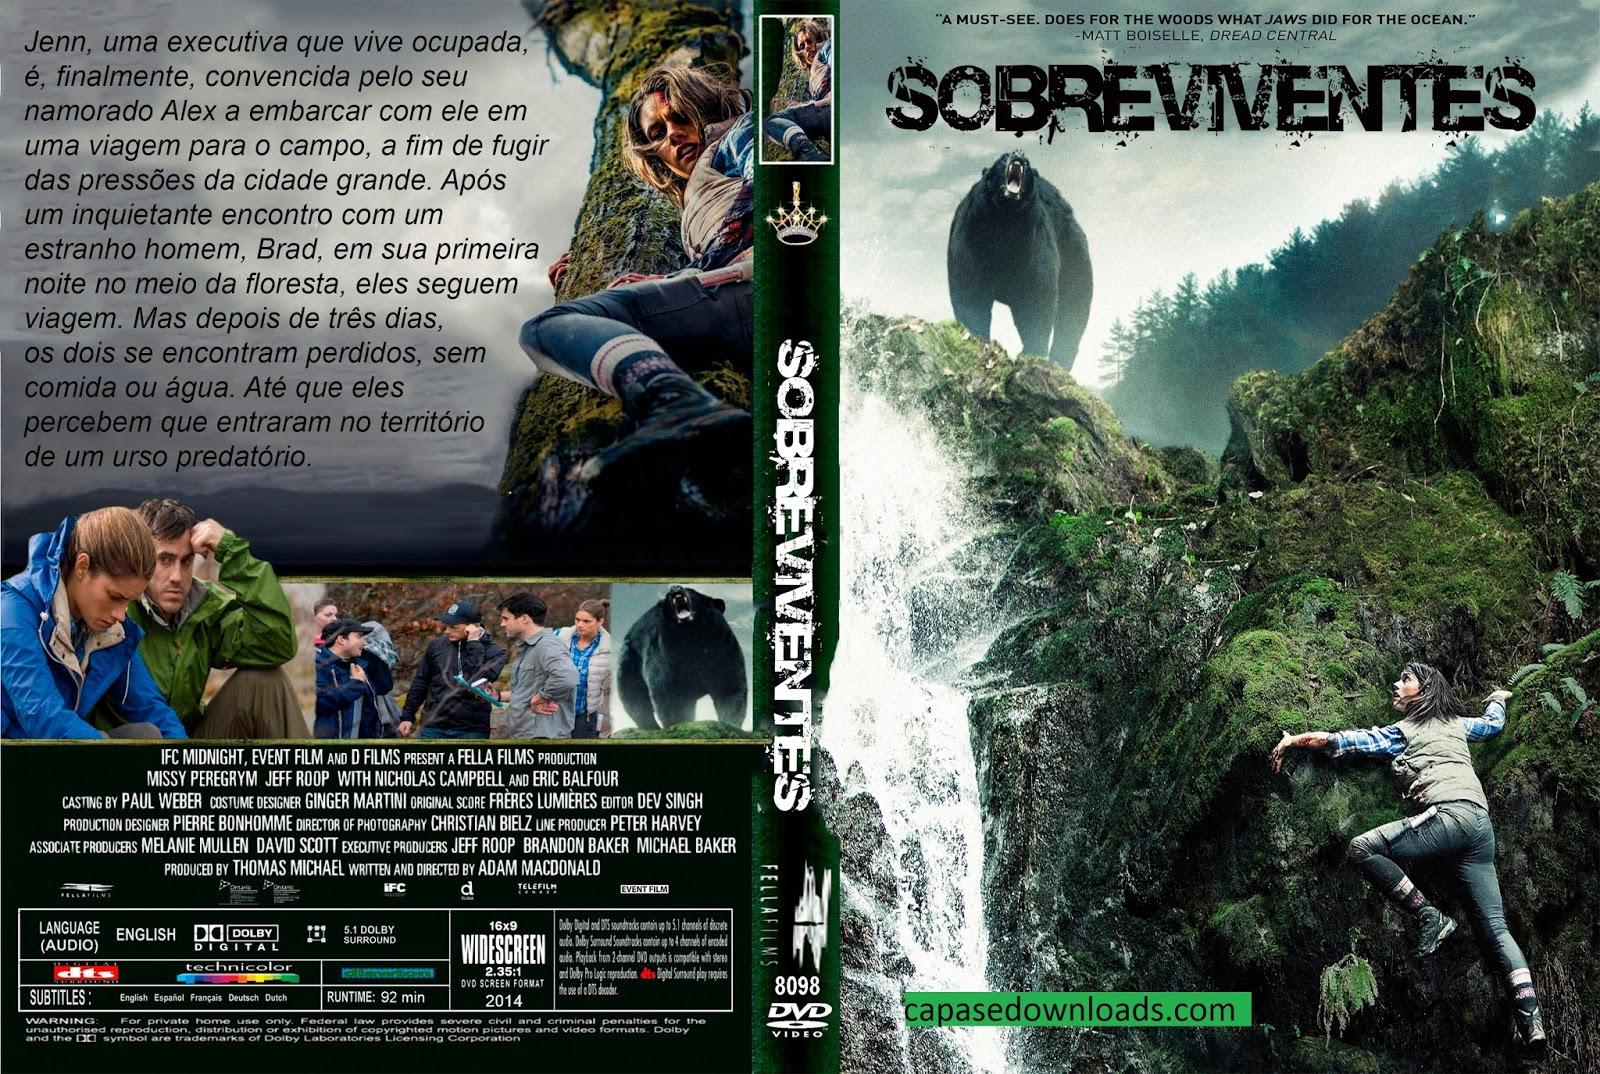 Sobreviventes DVDRip XviD Dual Áudio sobrevivente